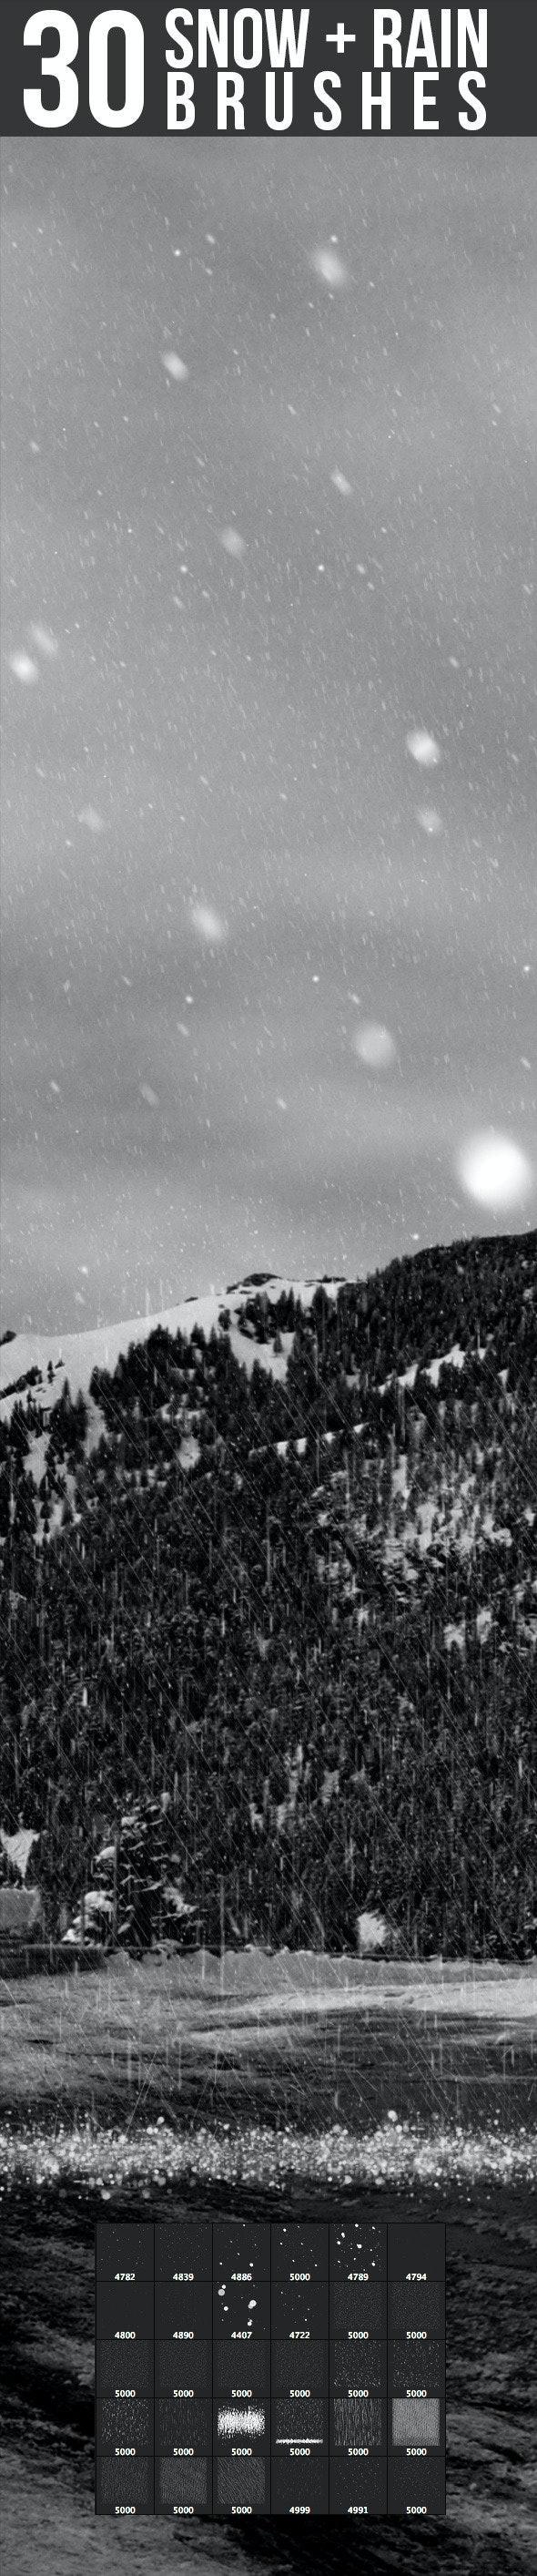 Snow & Rain Brushes - Brushes Photoshop